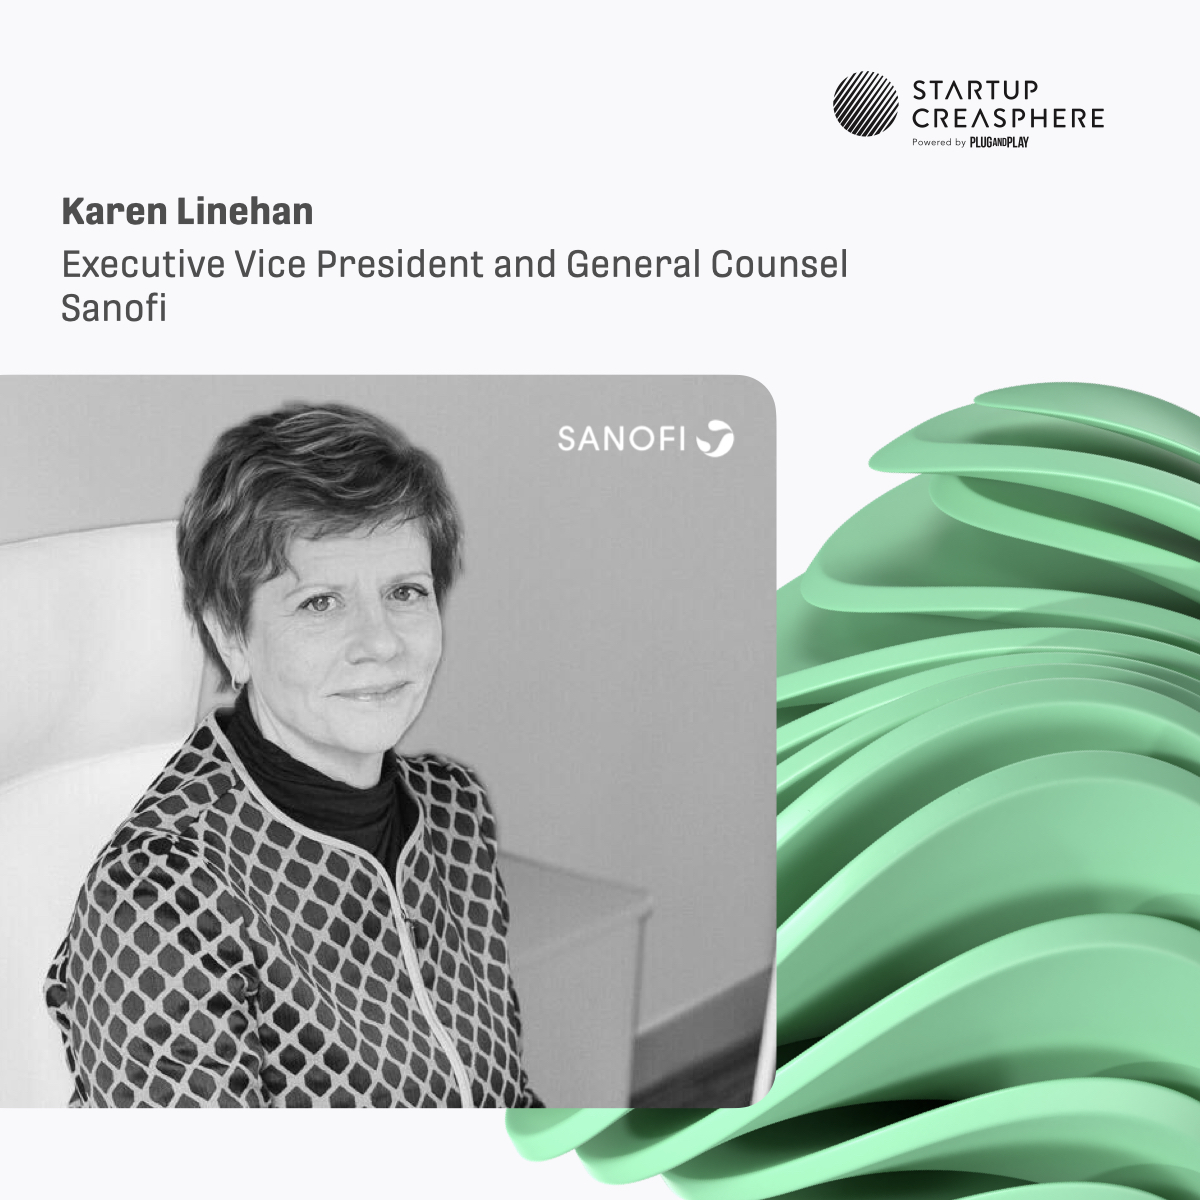 Meet *Karen Linehan* - Executive Vice President and General Counsel @sanofi – at our upcoming @StrtpCreasphere #Batch5 #KickOffDay! 🎤  Register for Oct 21 ⇢ https://t.co/NhdzH3U9ue  #startupcreasphere #corporatespeaker https://t.co/mTwfgkyVH2